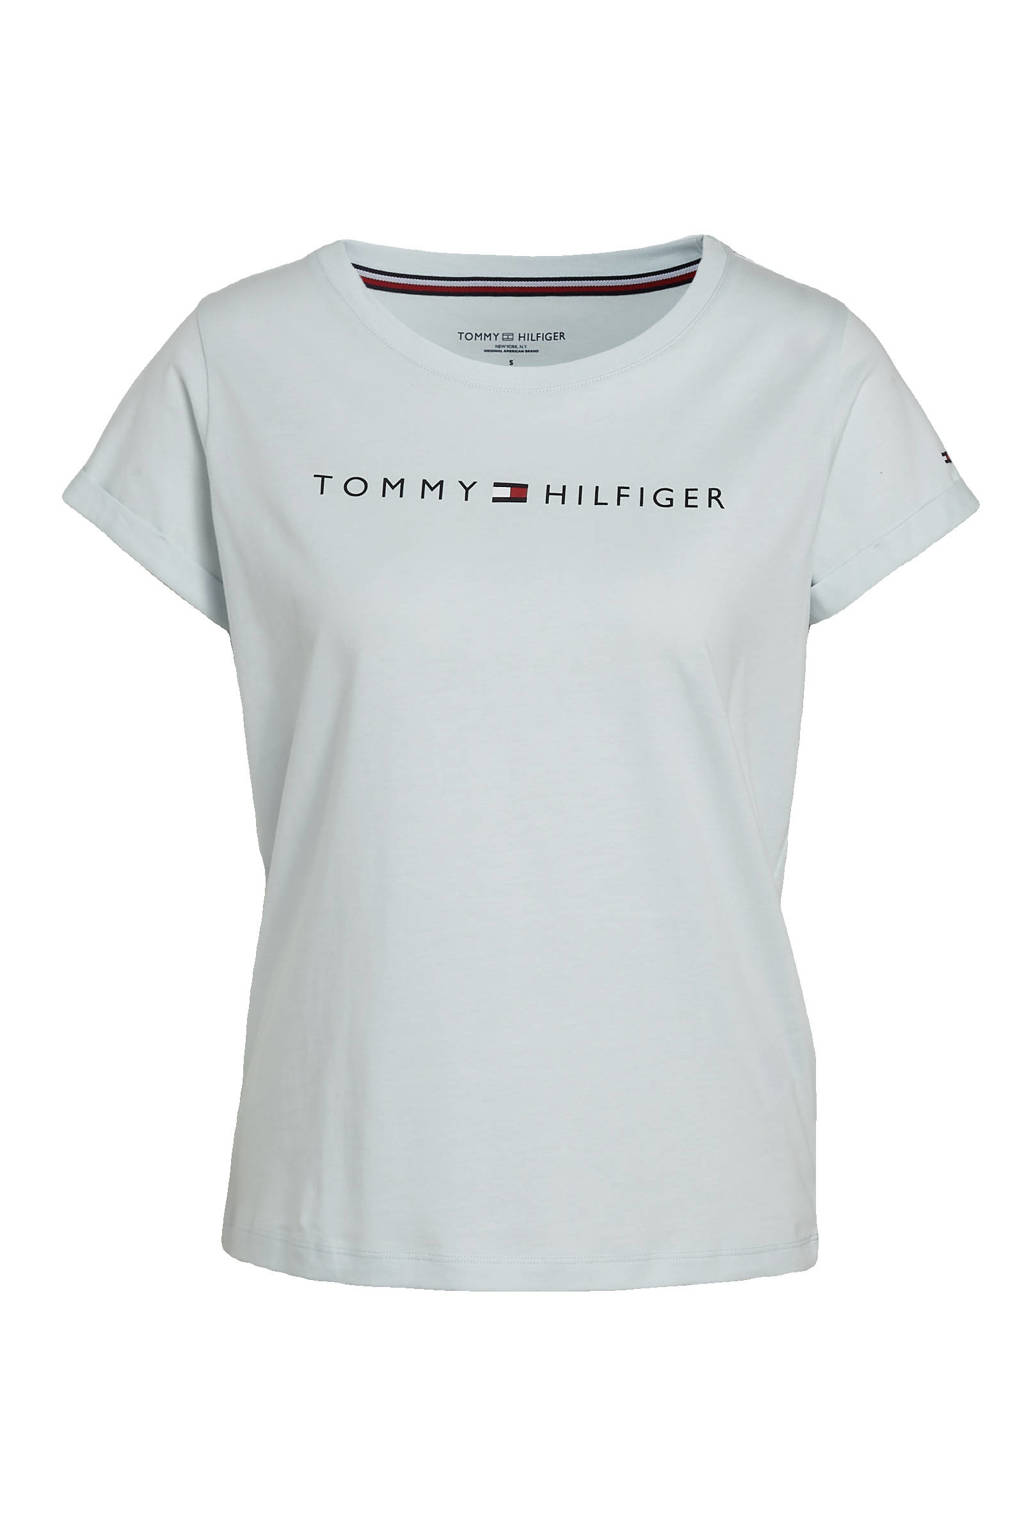 Tommy Hilfiger T-shirt met printopdruk lichtblauw, Lichtblauw